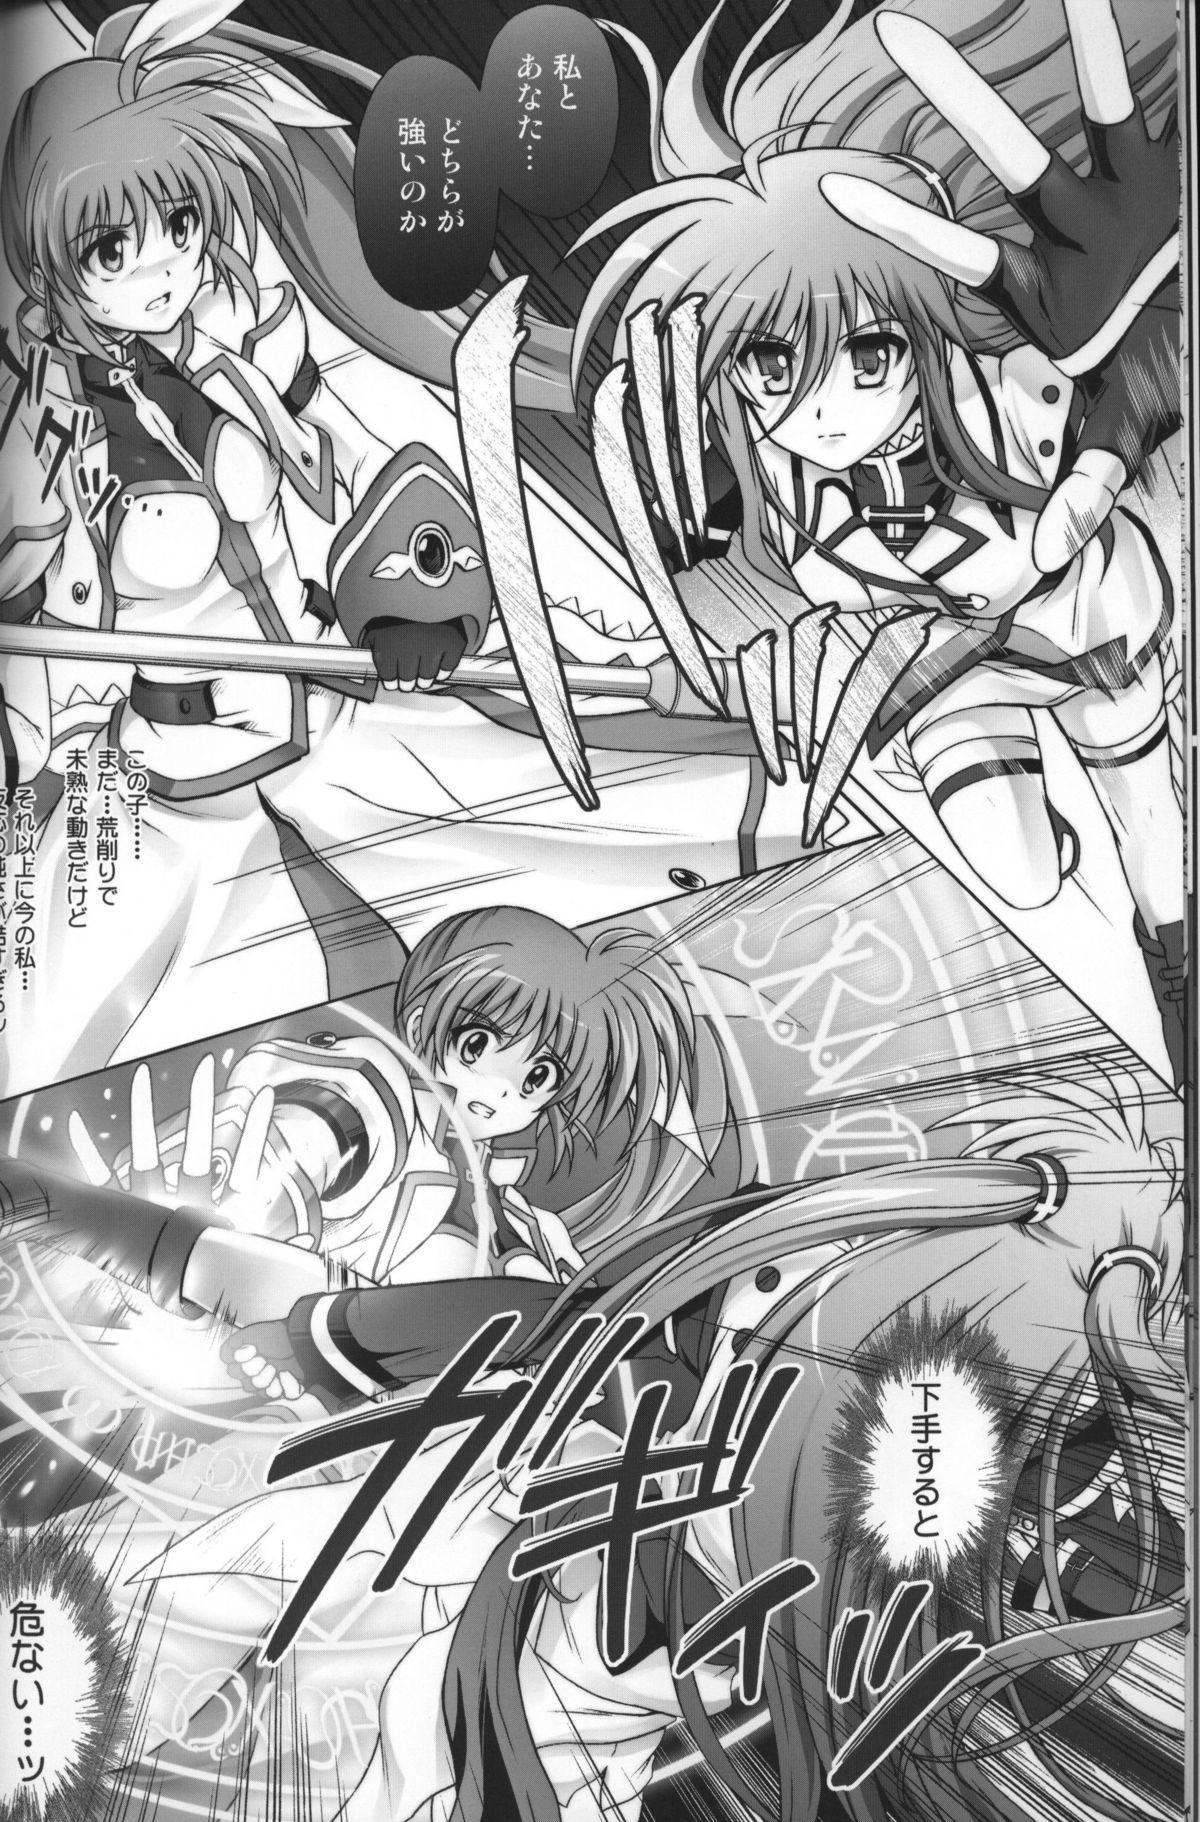 Nanoha-san ga Fukaku wo Totta! 7